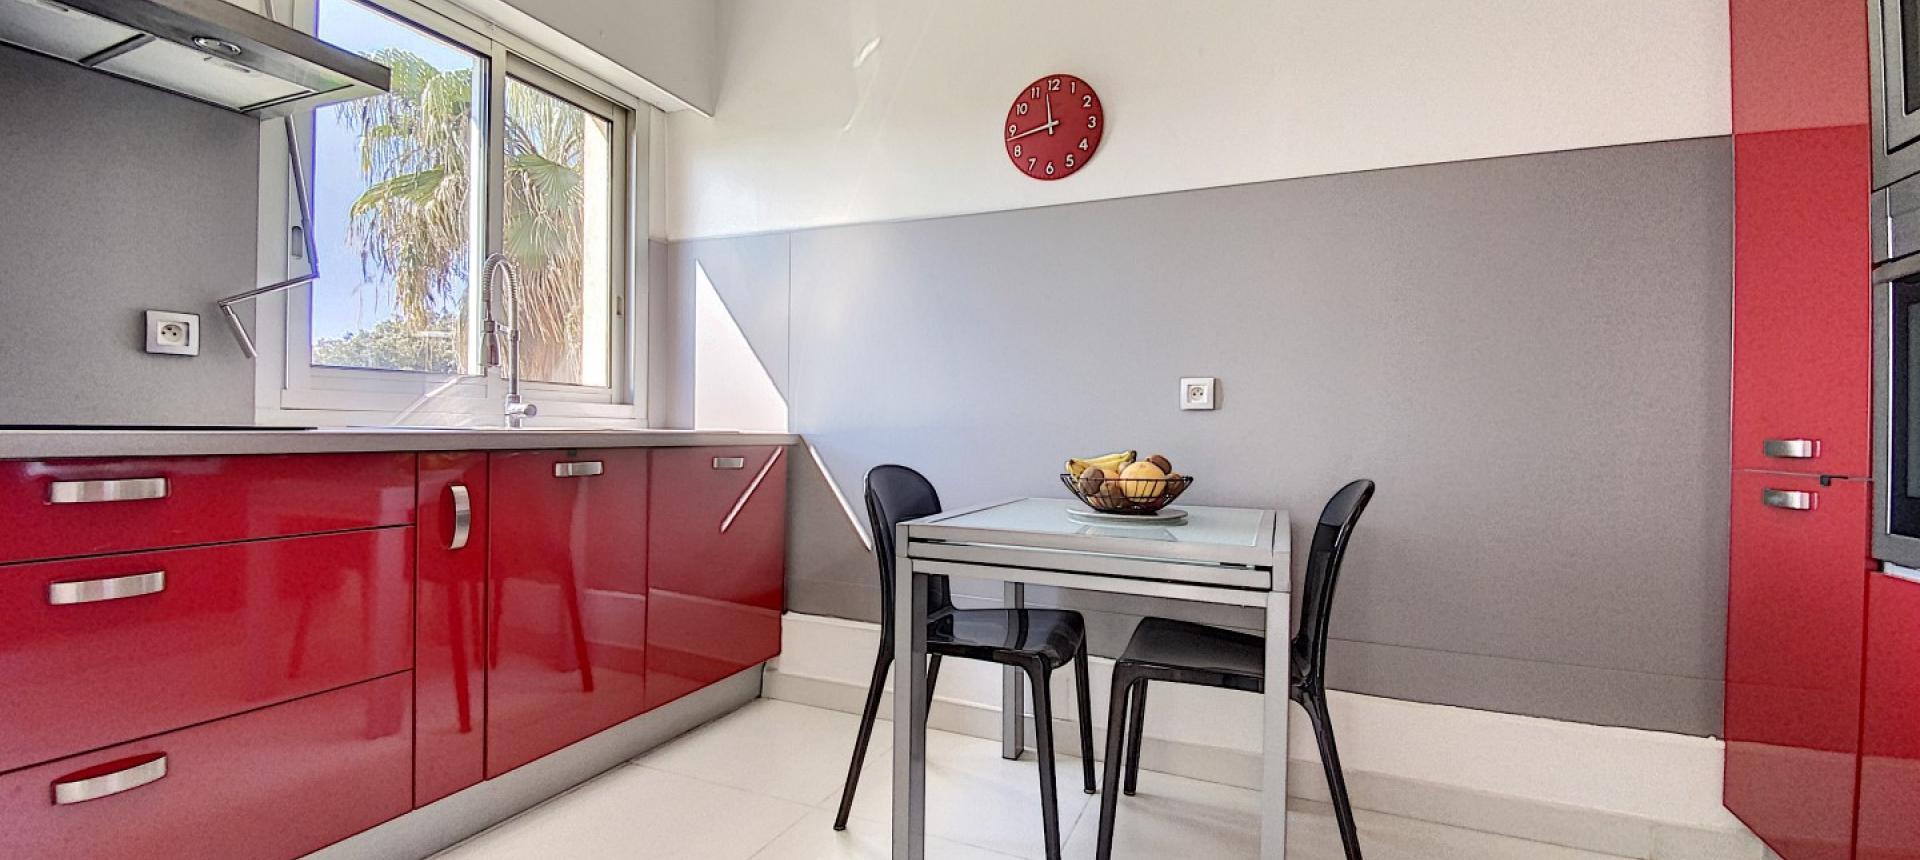 Vente appartement F3-4 duplex Ajaccio Cuisine